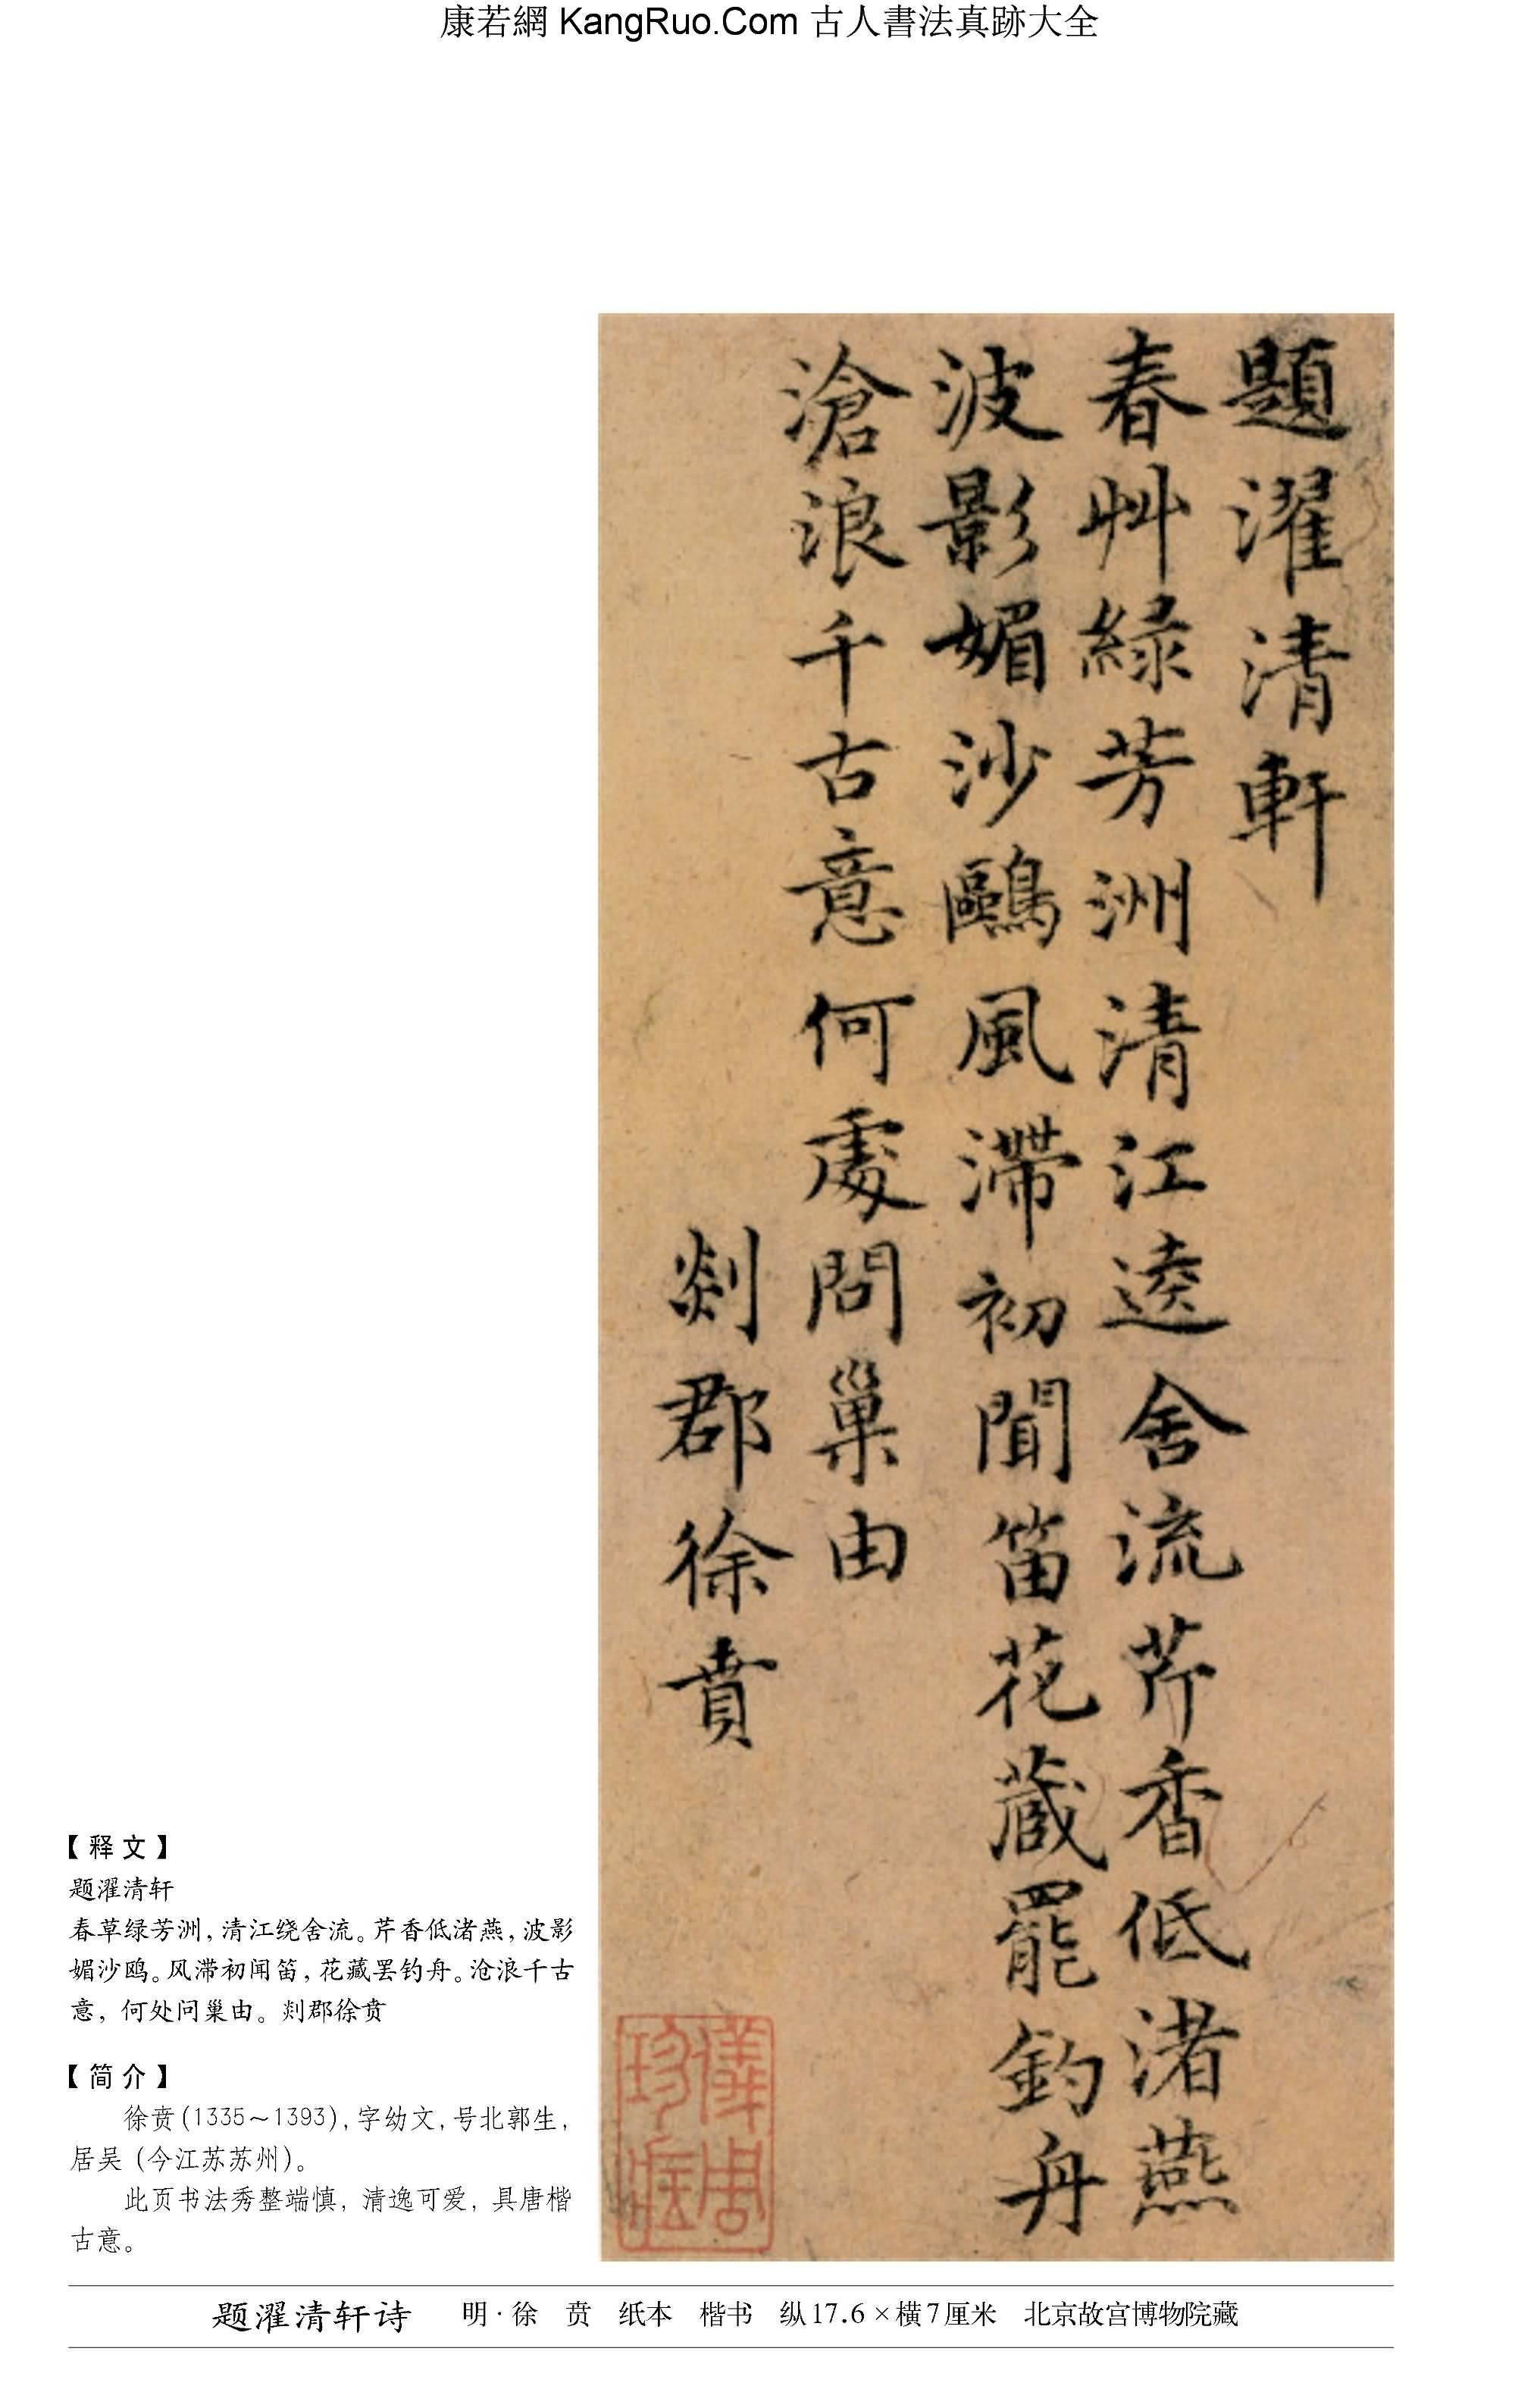 《題濯清軒詩》書法真跡(楷書)【明朝·徐賁】_00164